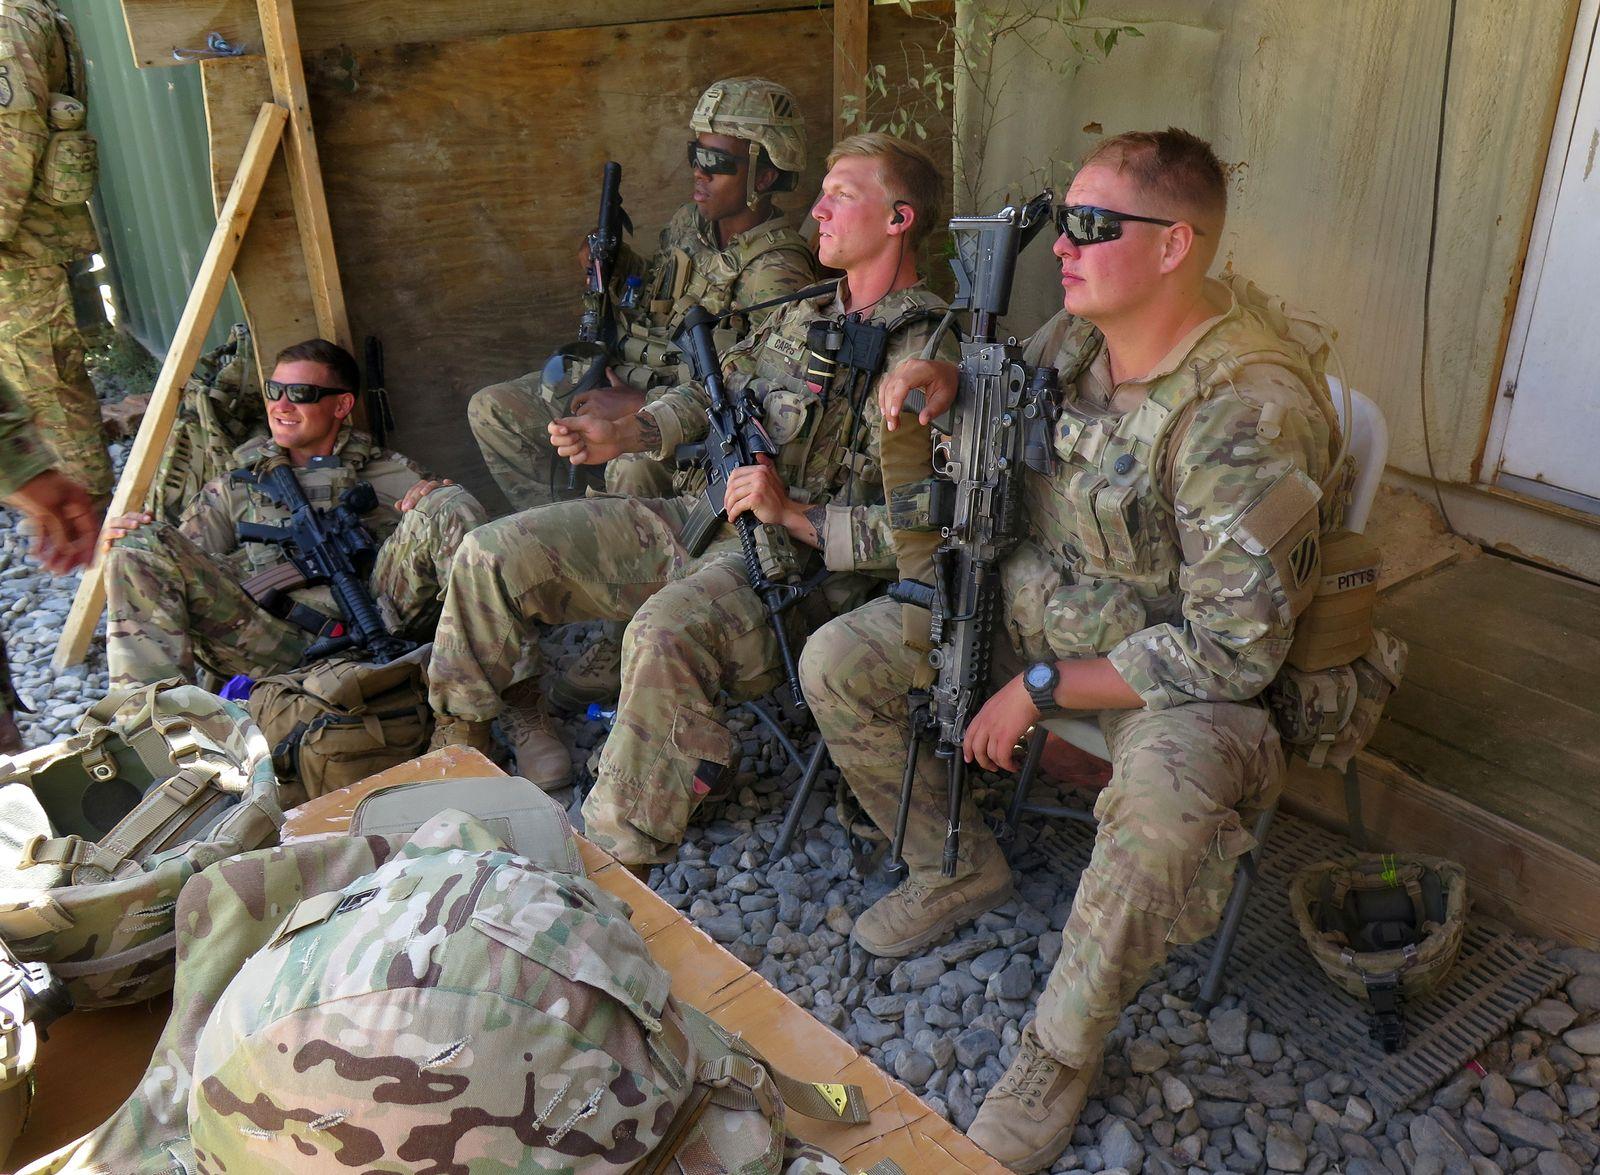 USA-AFGHANISTAN/TALKS